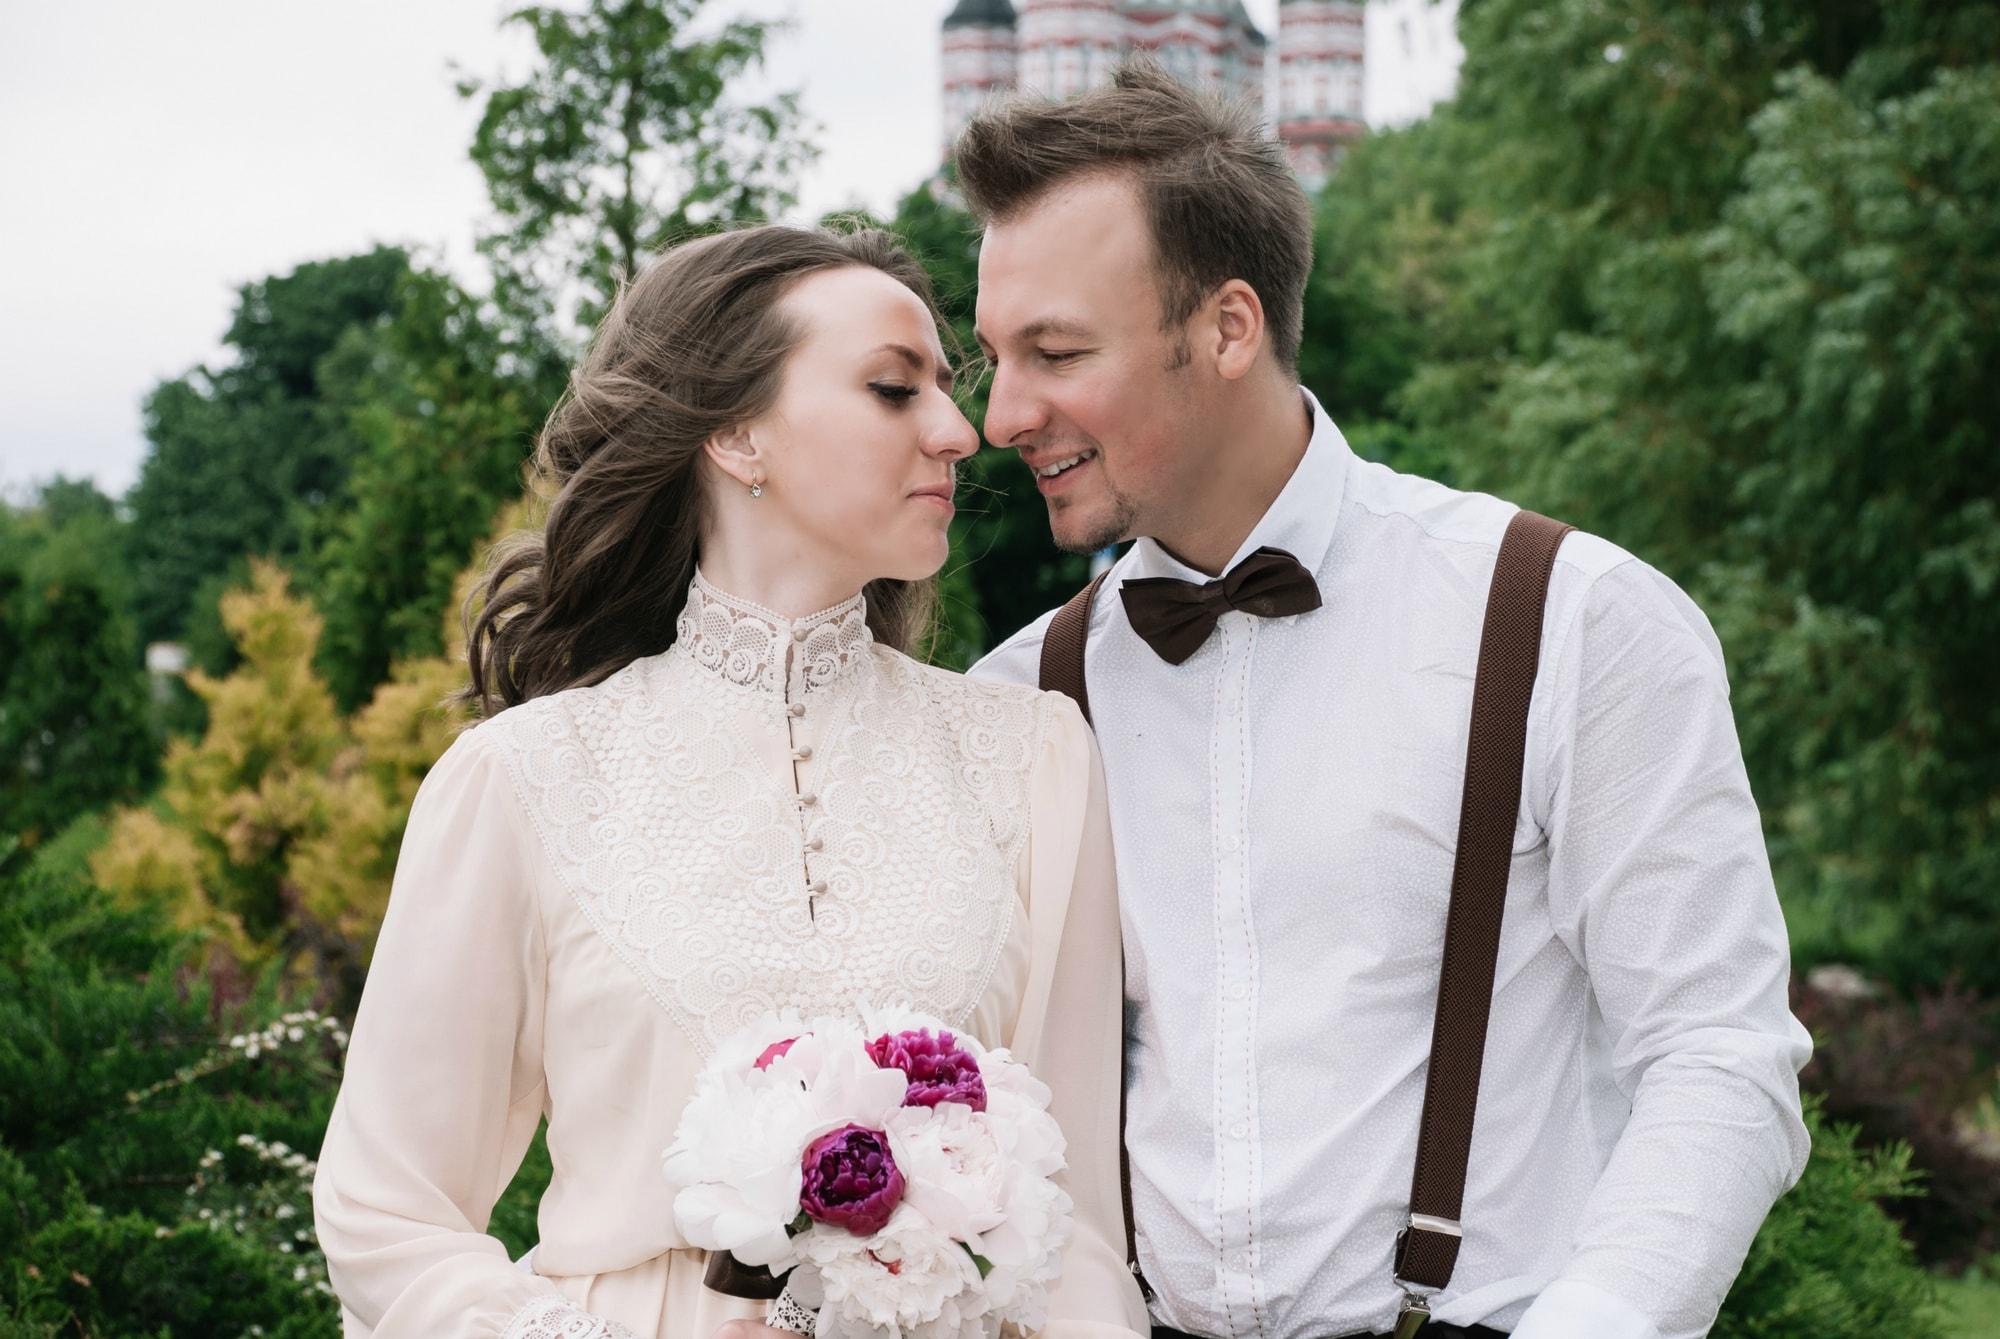 Близость двоих - Фотограф Киев - Женя Лайт